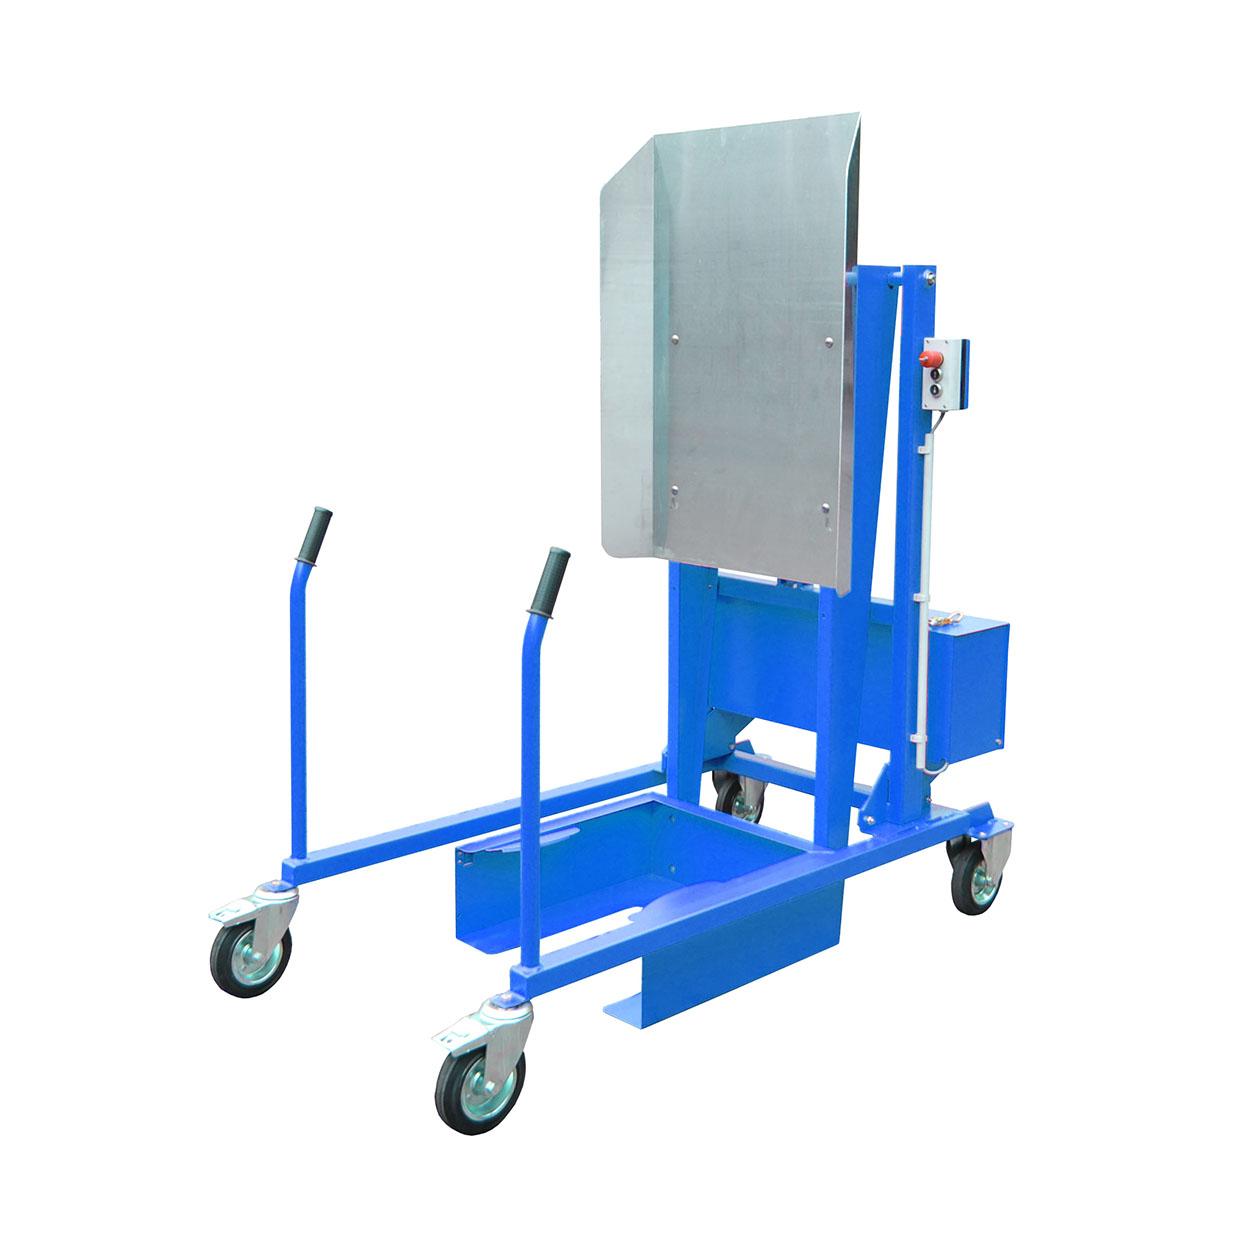 Samojezdna wywrotka do kontenerów, elektryczno-hydrauliczna